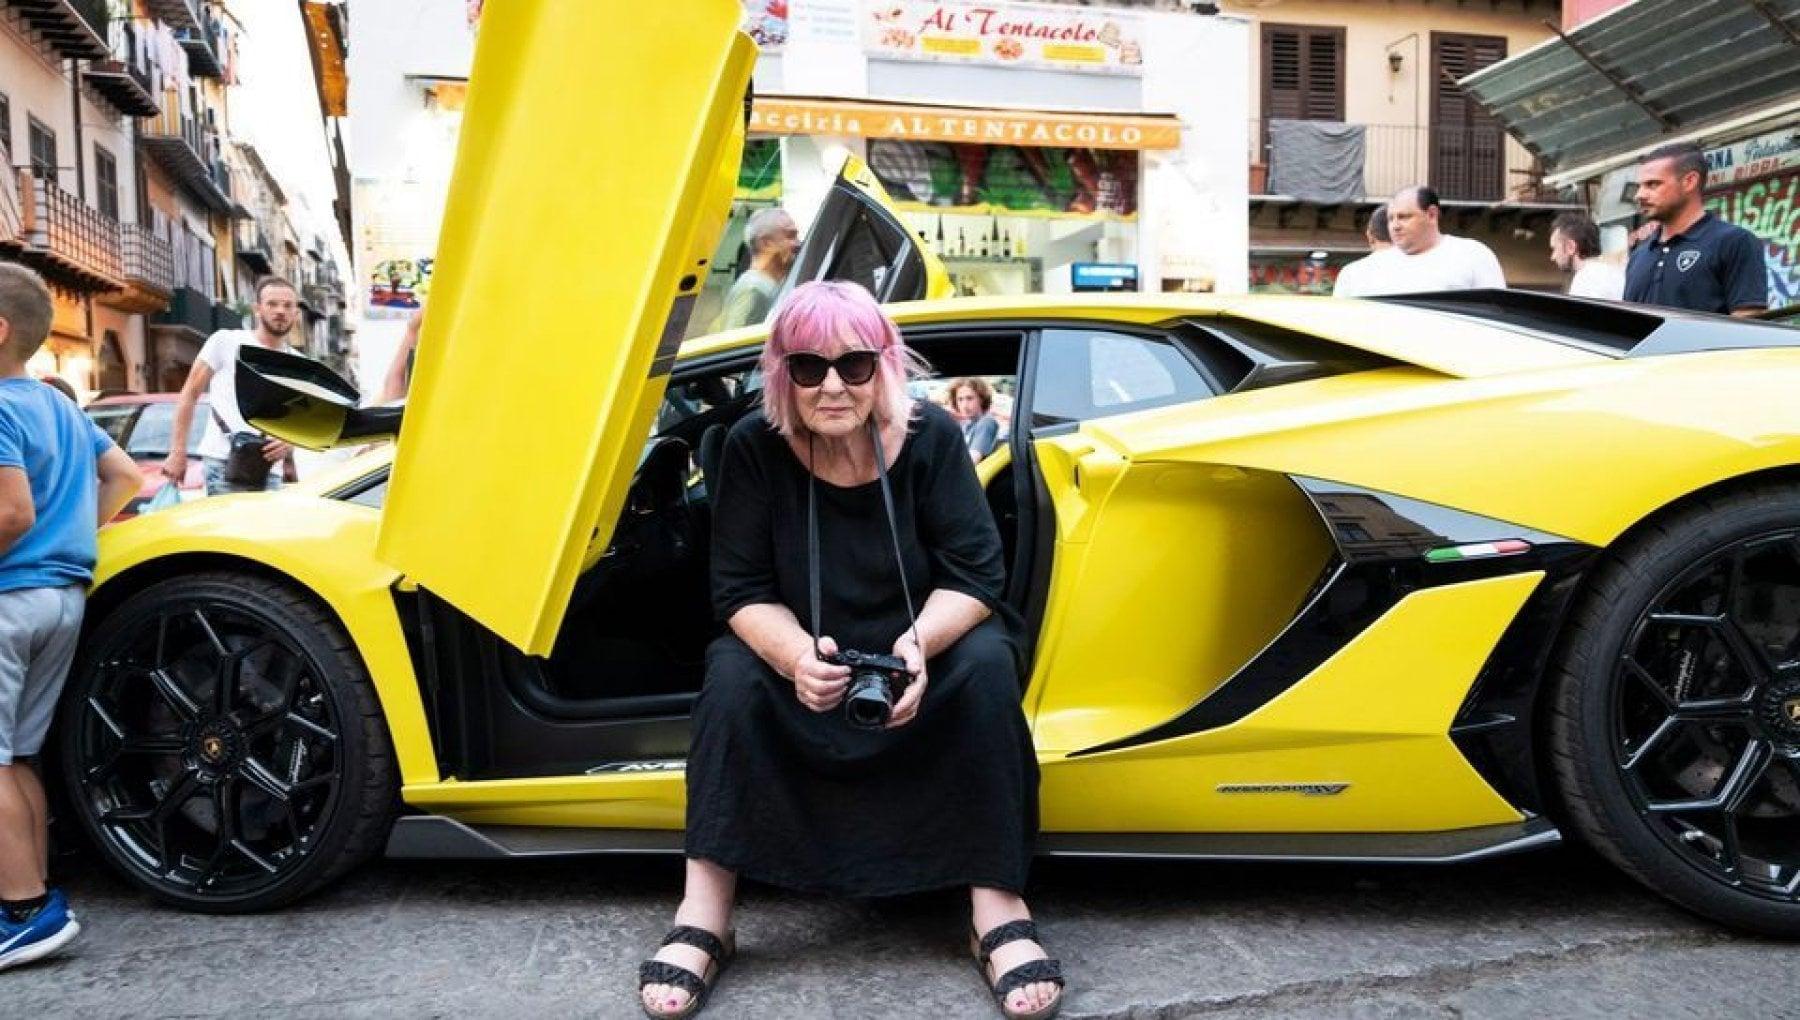 Auto e bimbe bufera su Letizia Battaglia. Quegli scatti che dividono pure i suoi fan